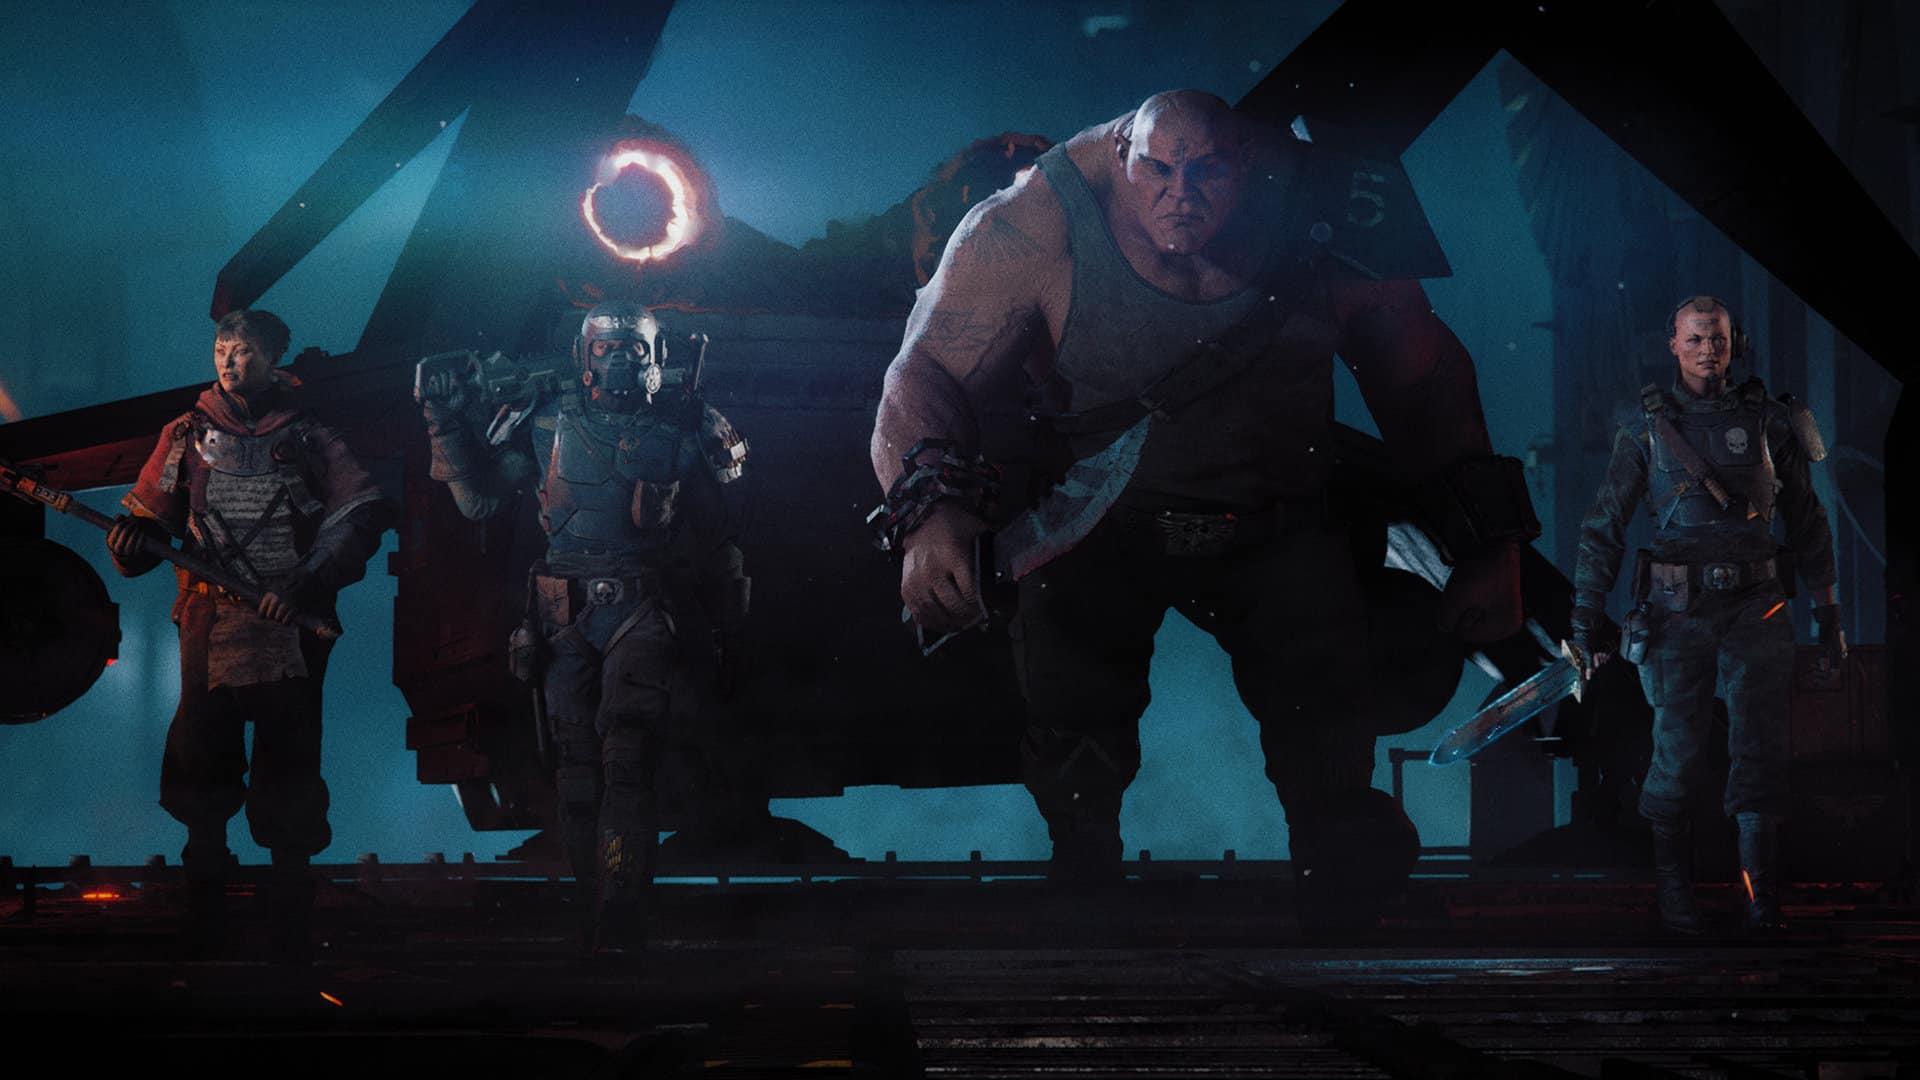 Warhammer 40,000: Darktide